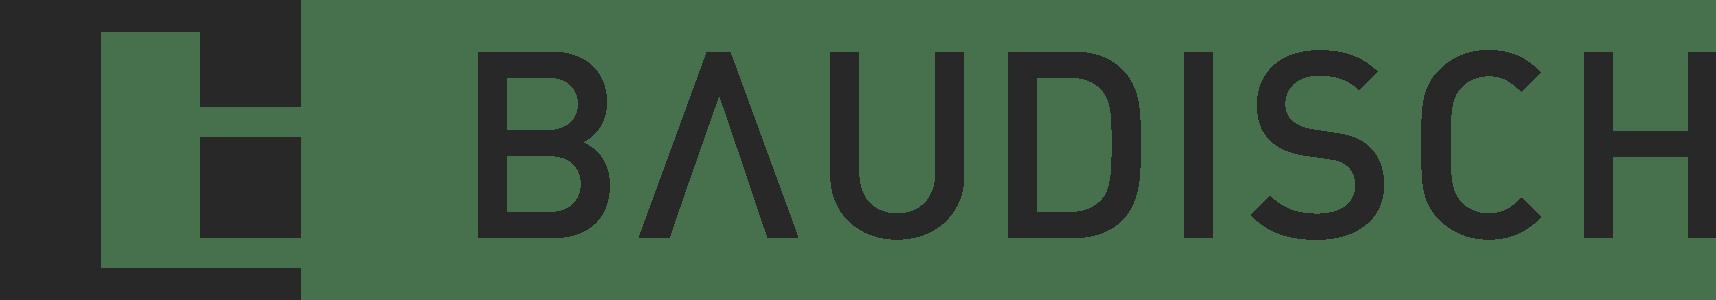 Baudisch - Türsprechanlagen